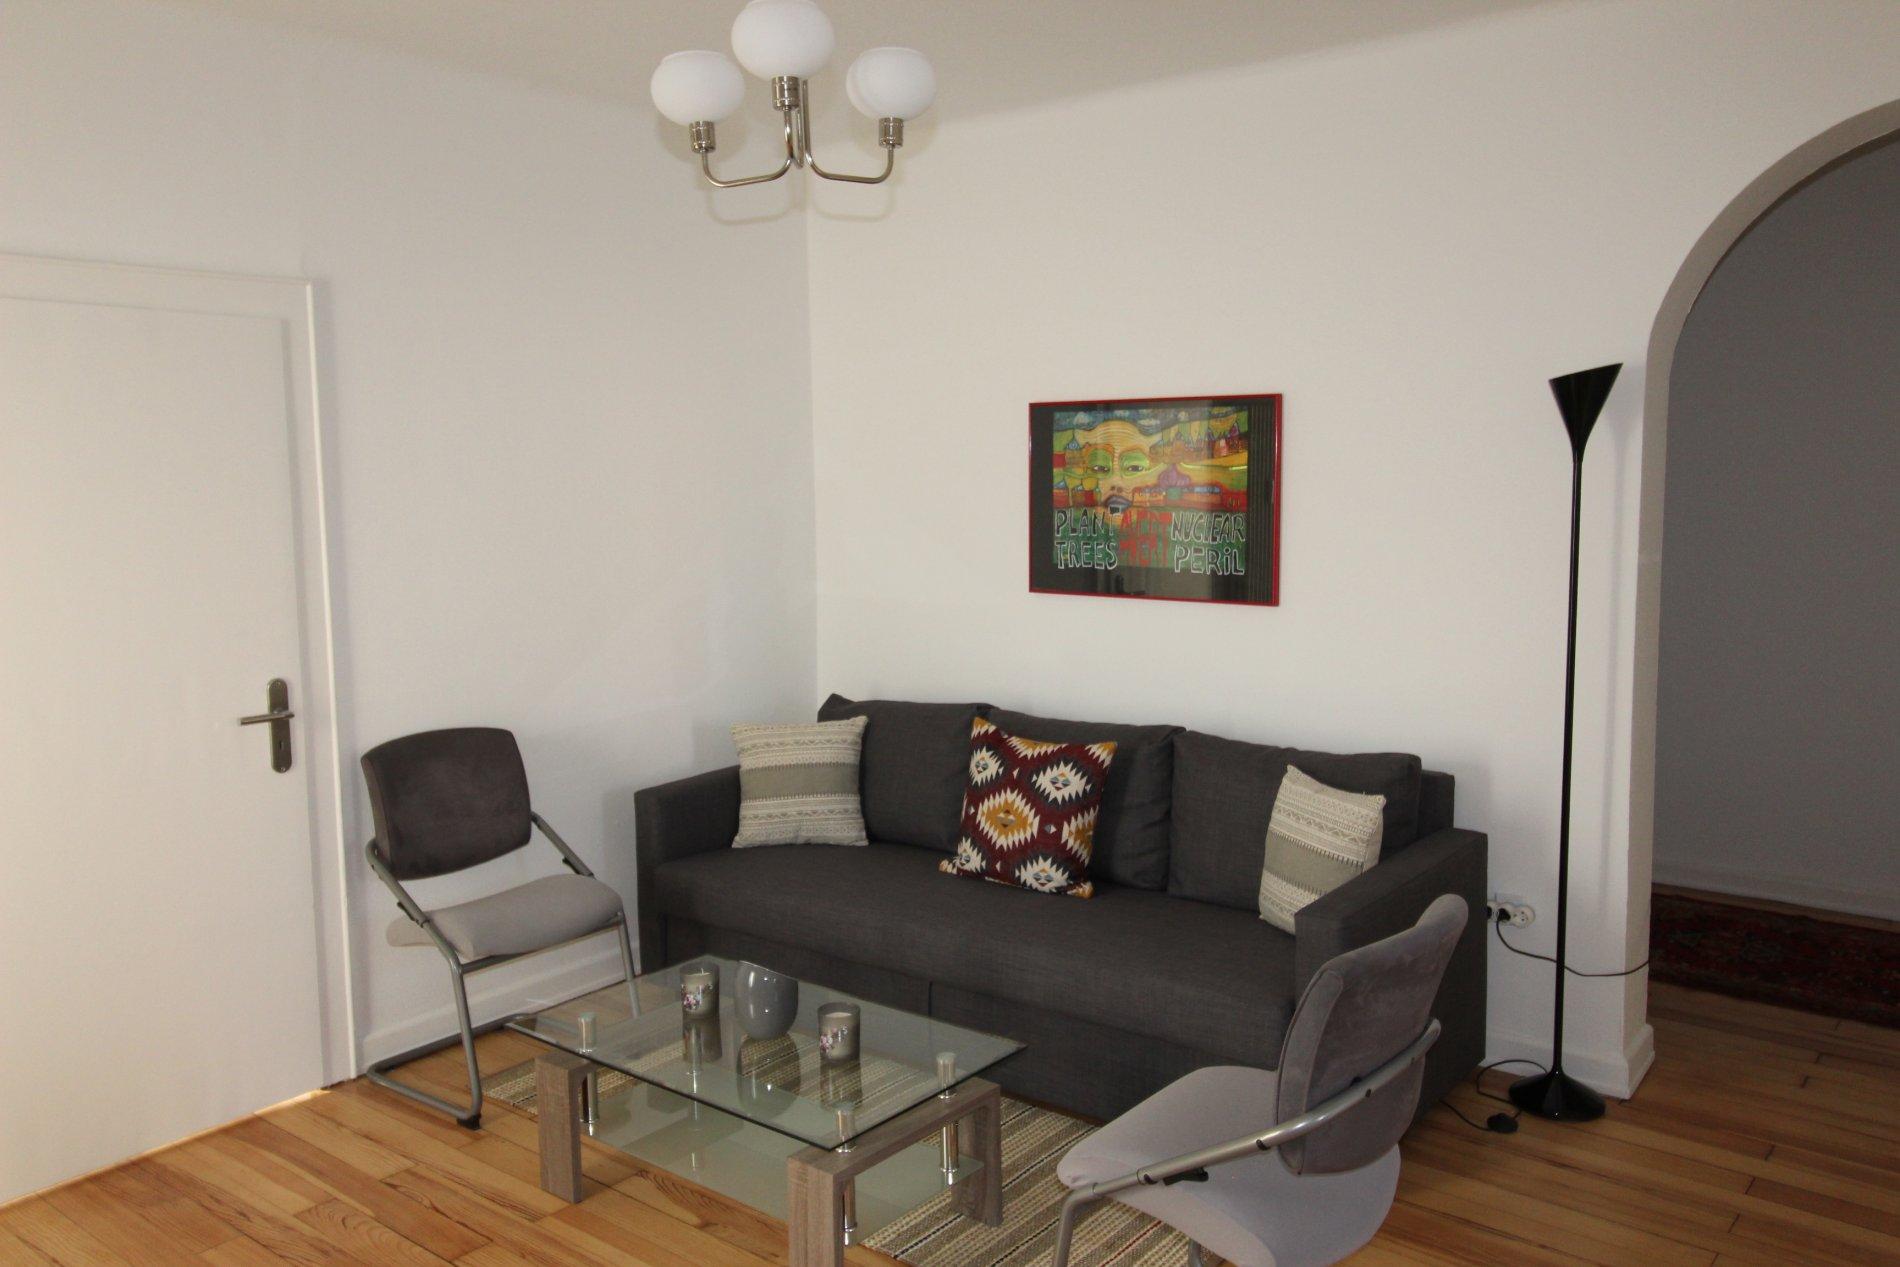 Schwarze Couch mir zwei Stühlen auf Holzboden